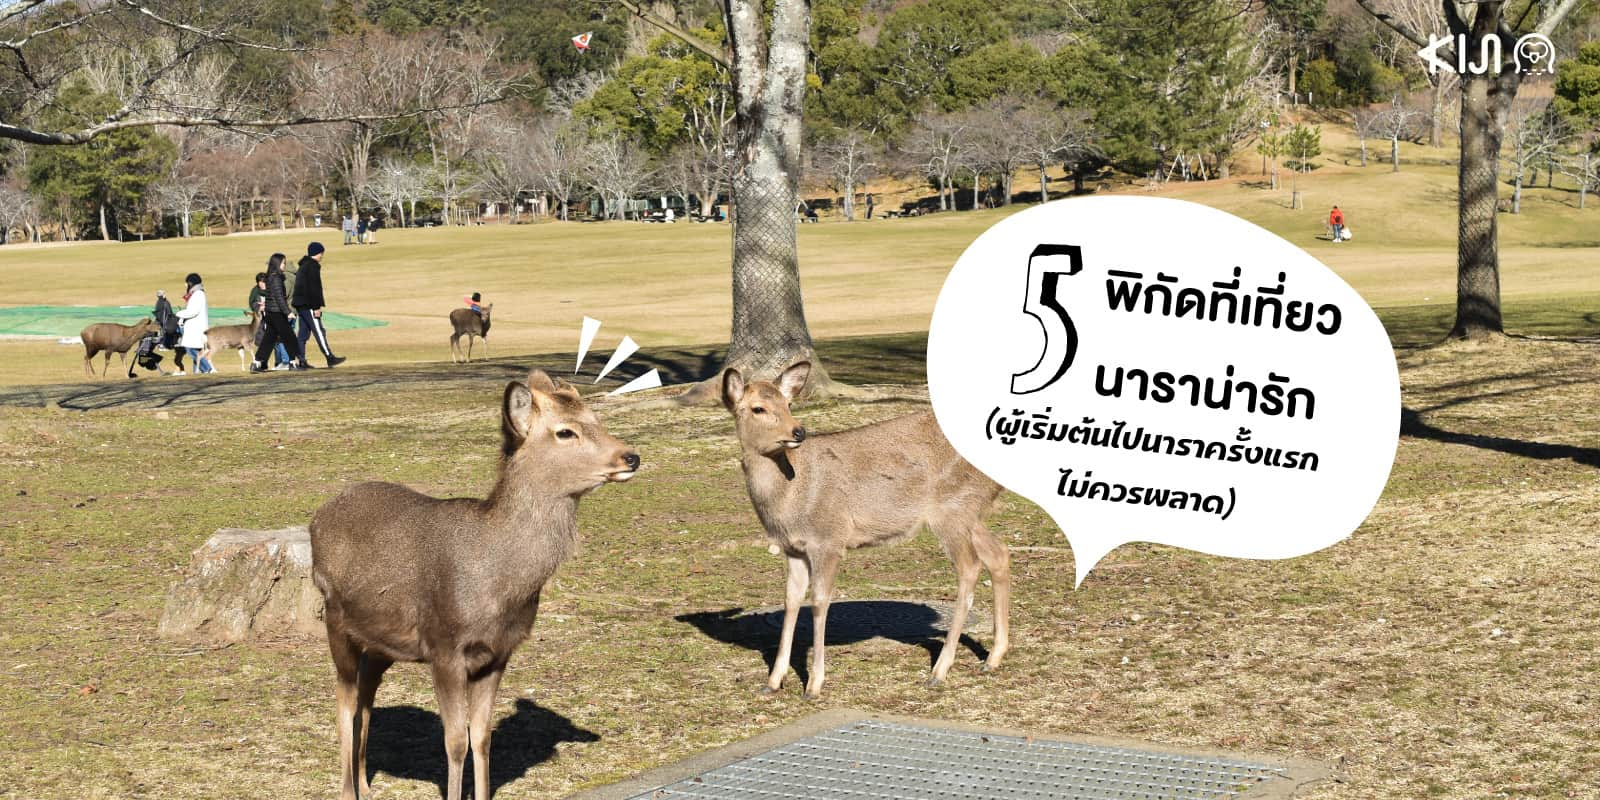 พิกัด ที่เที่ยวนารา (Nara) เที่ยวครั้งแรก